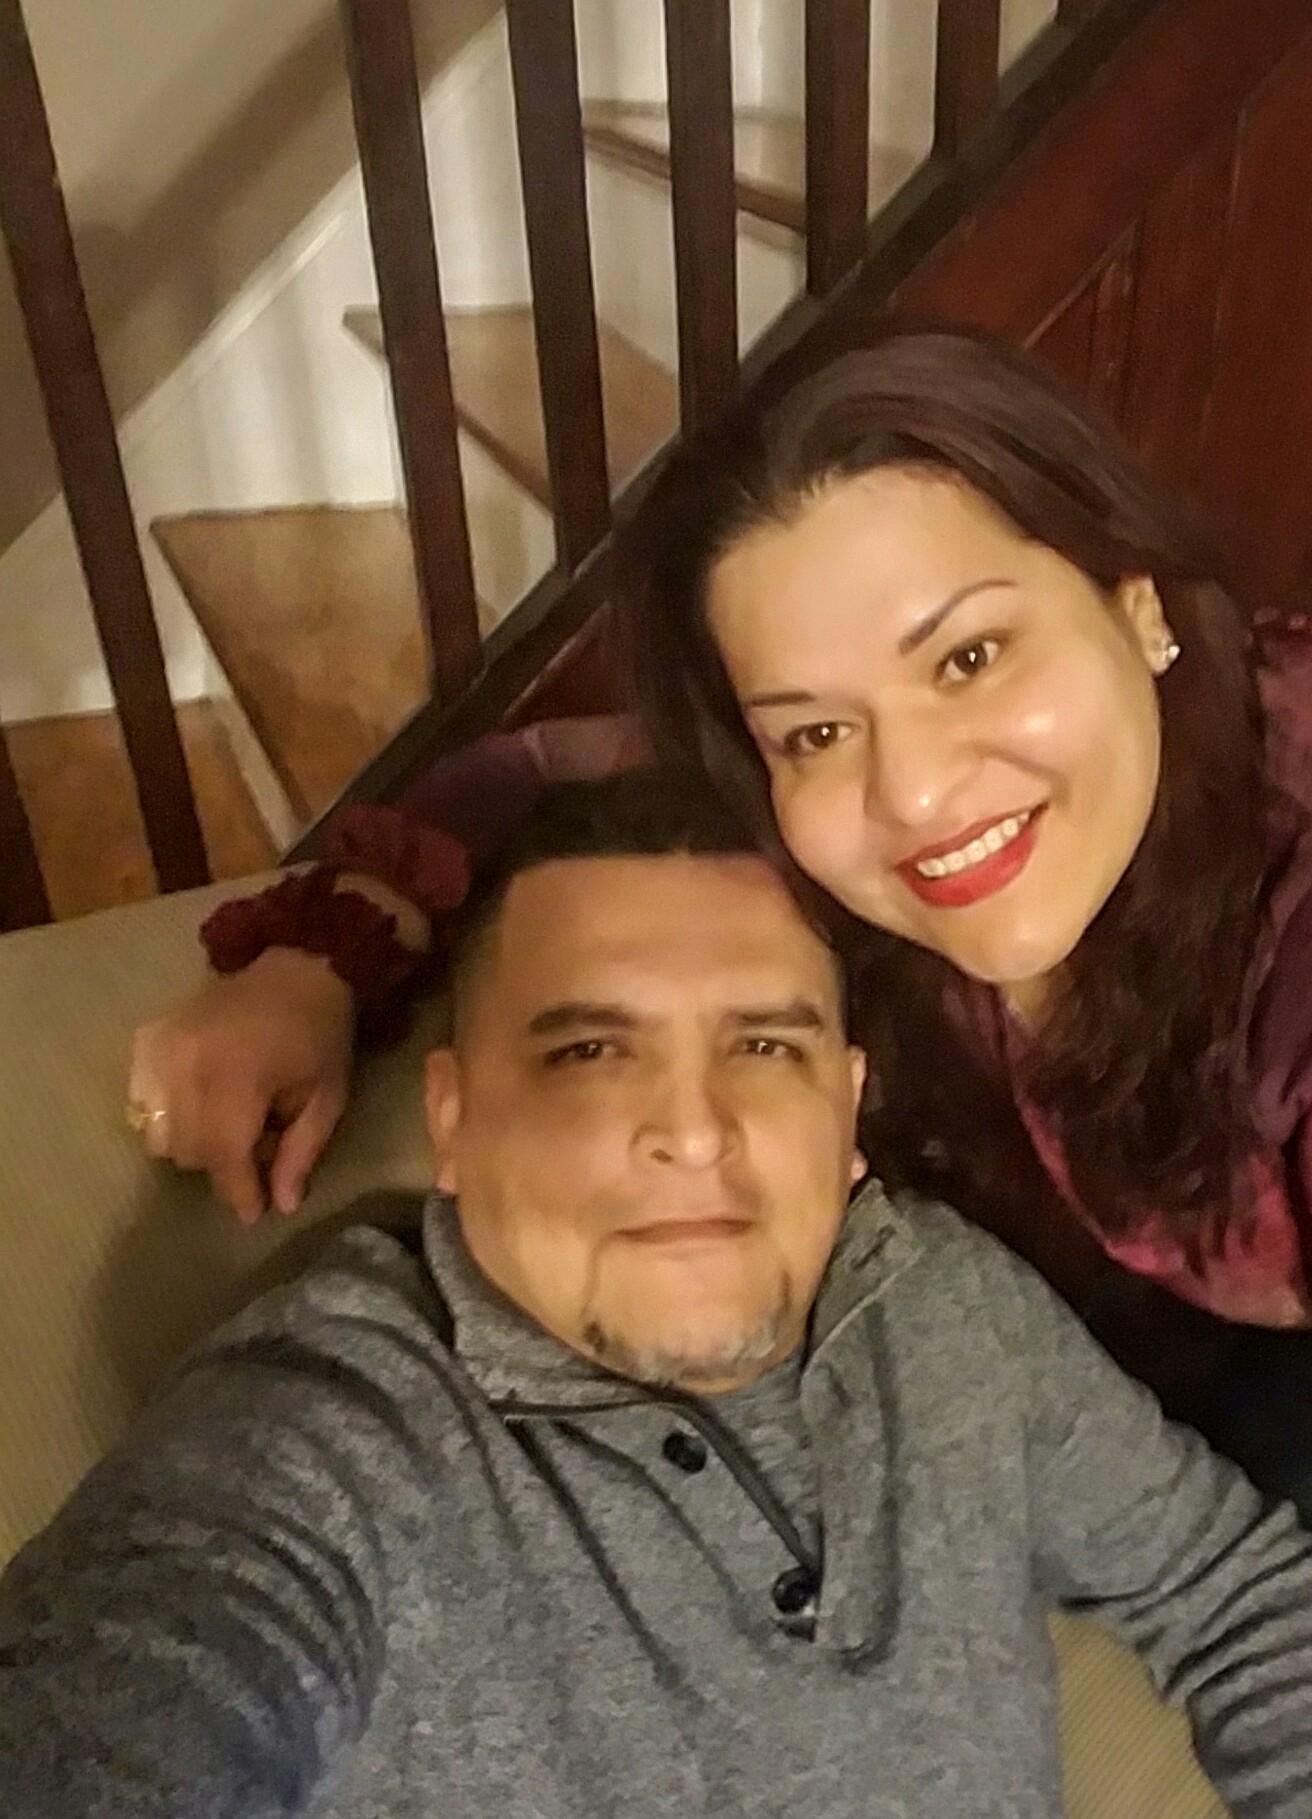 Fabián y su esposa, Erica, se toman una selfi en su nuevo hogar. (Cortesía de Fabián)